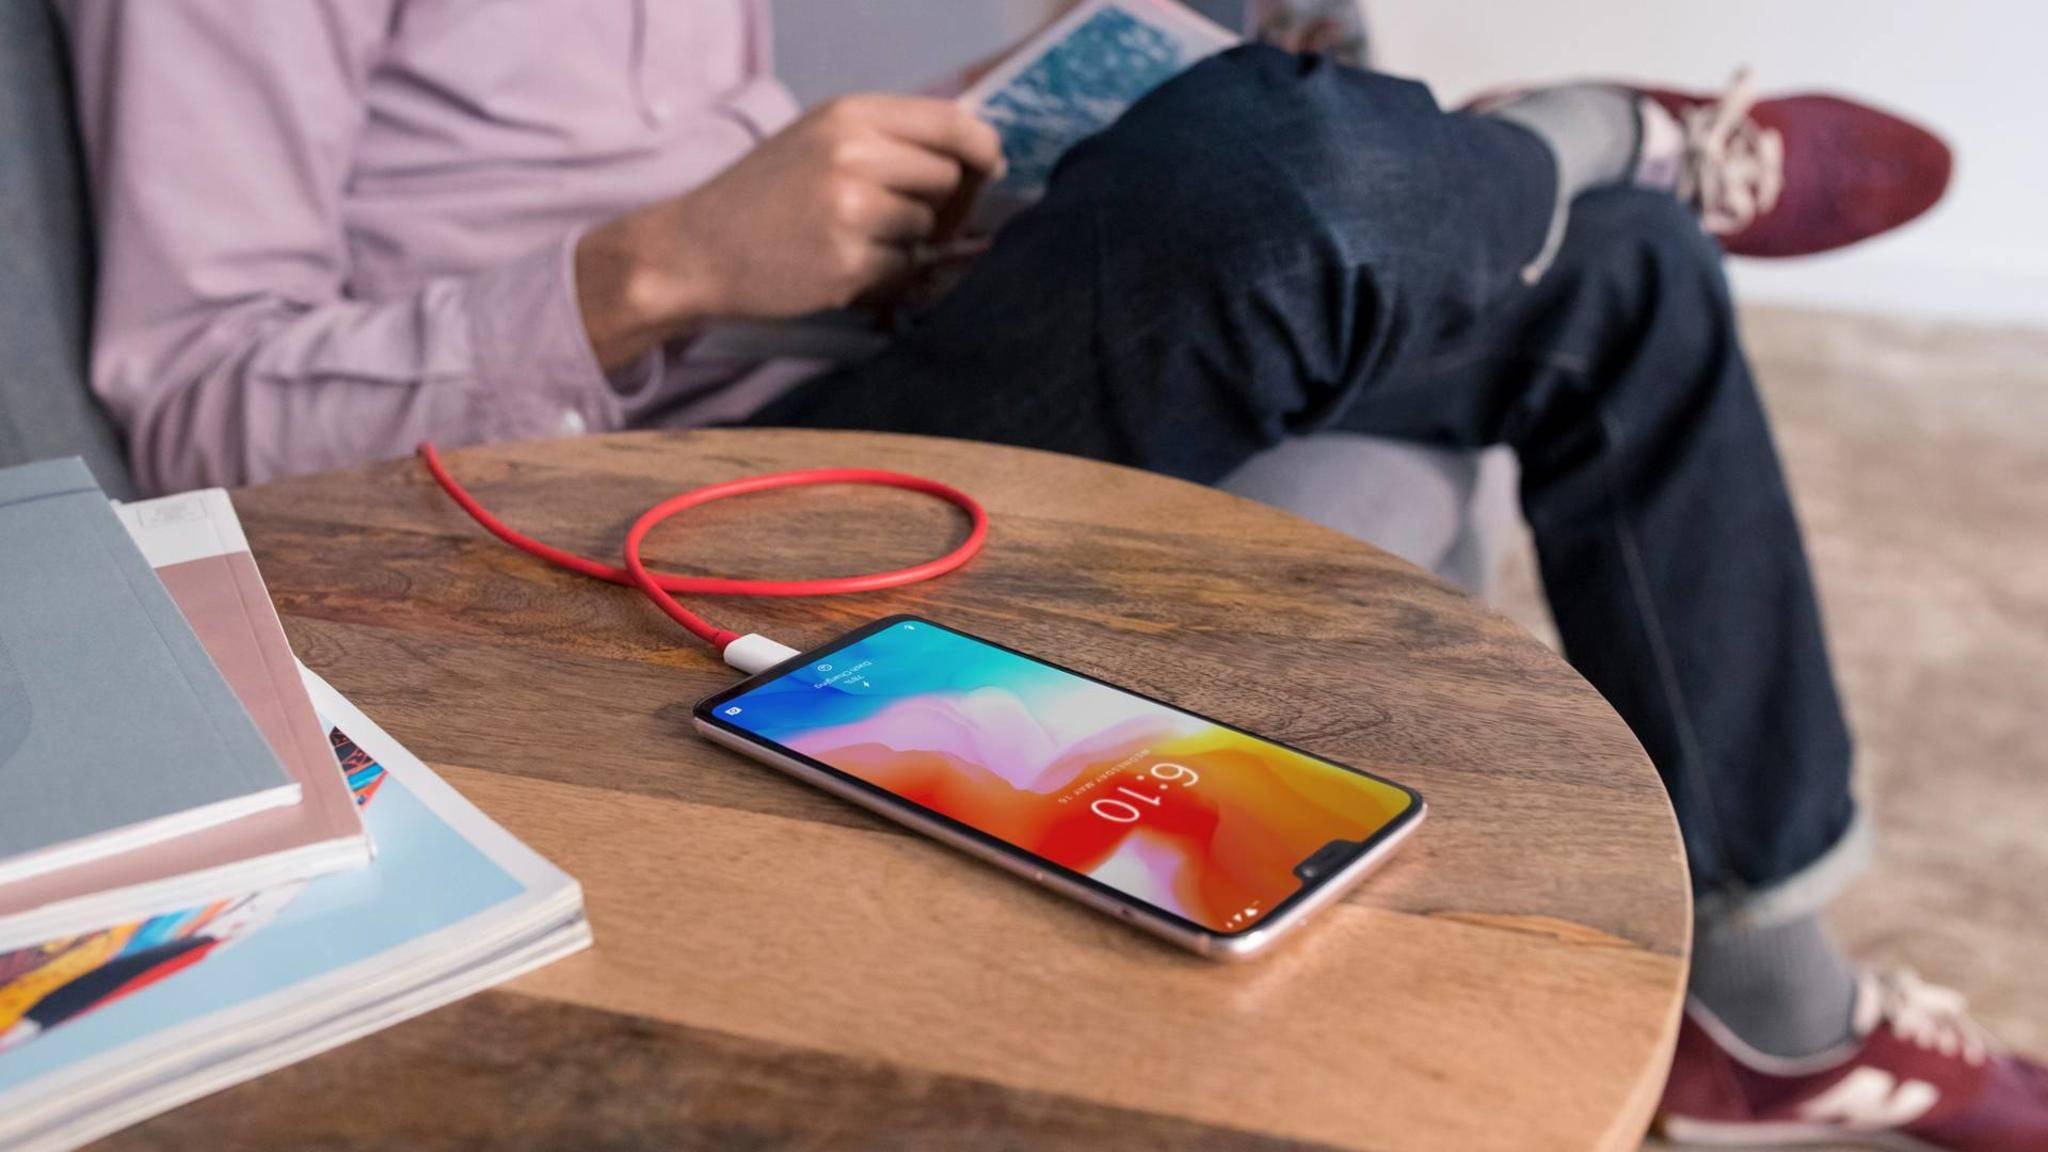 Das OnePlus 6 verkauft sich schneller als alle anderen OnePlus-Smartphones.